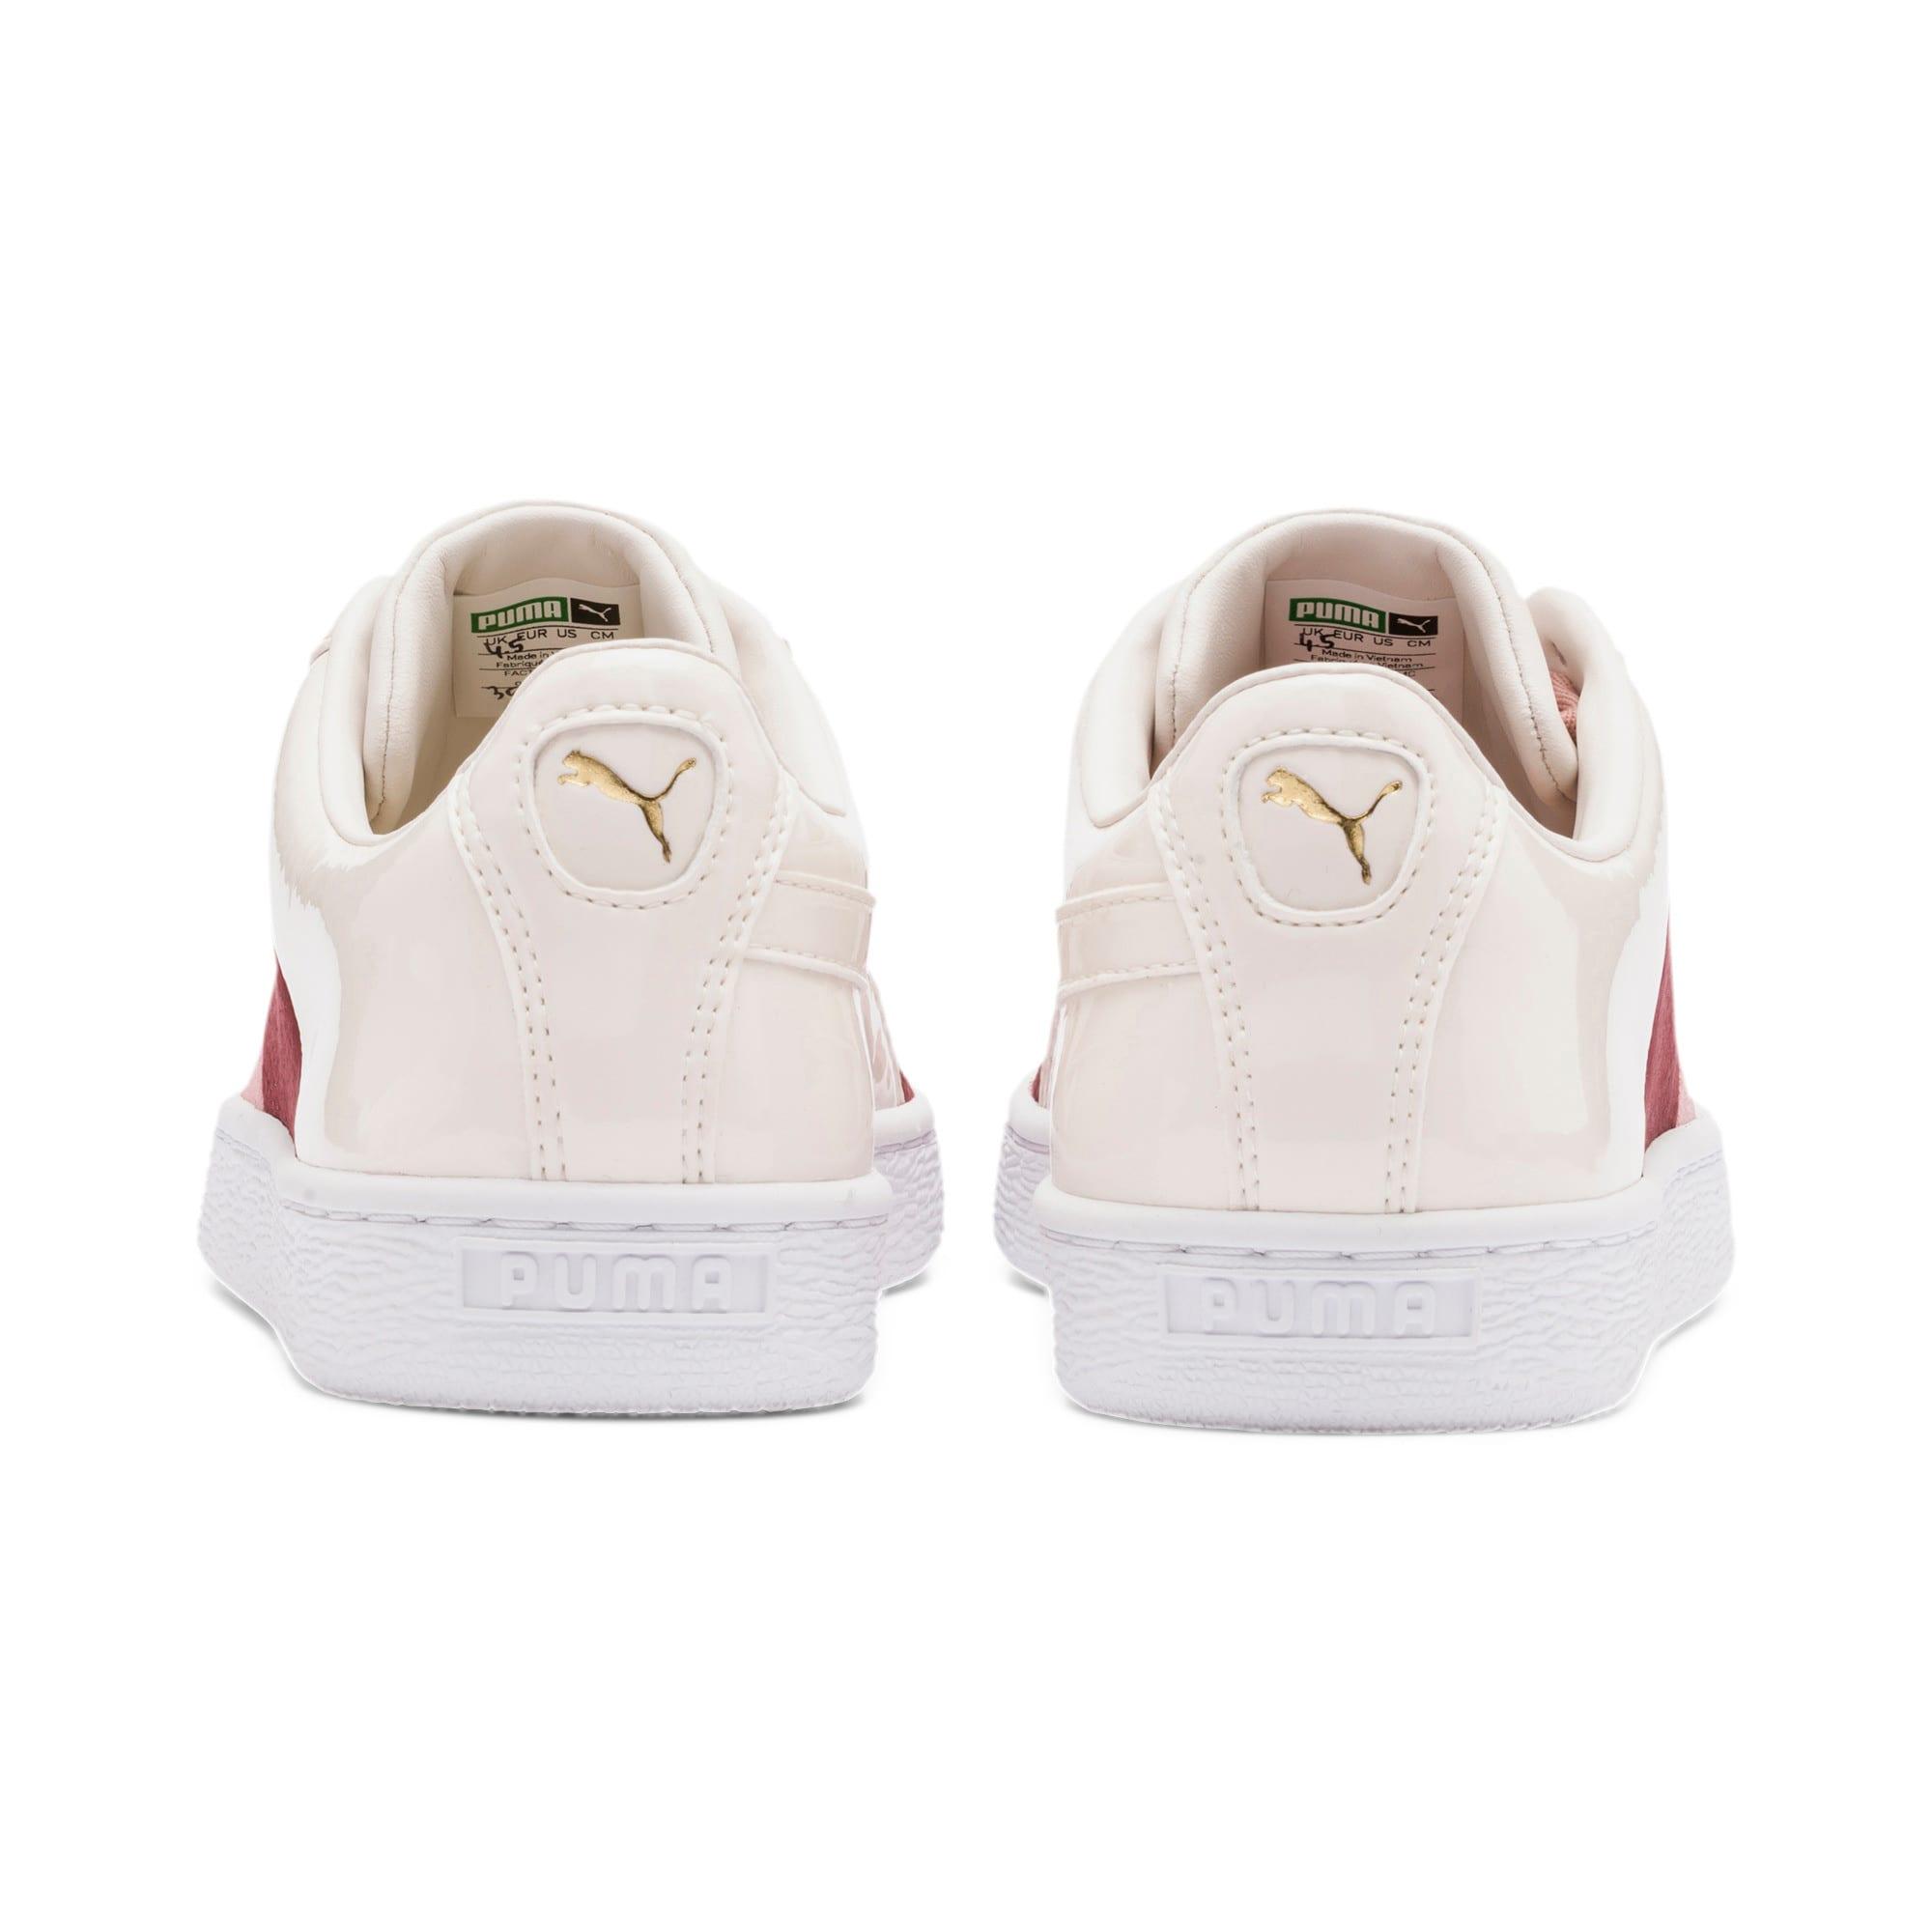 Thumbnail 4 of Basket Remix Women's Sneakers, Bridal Rose-Fired Brick, medium